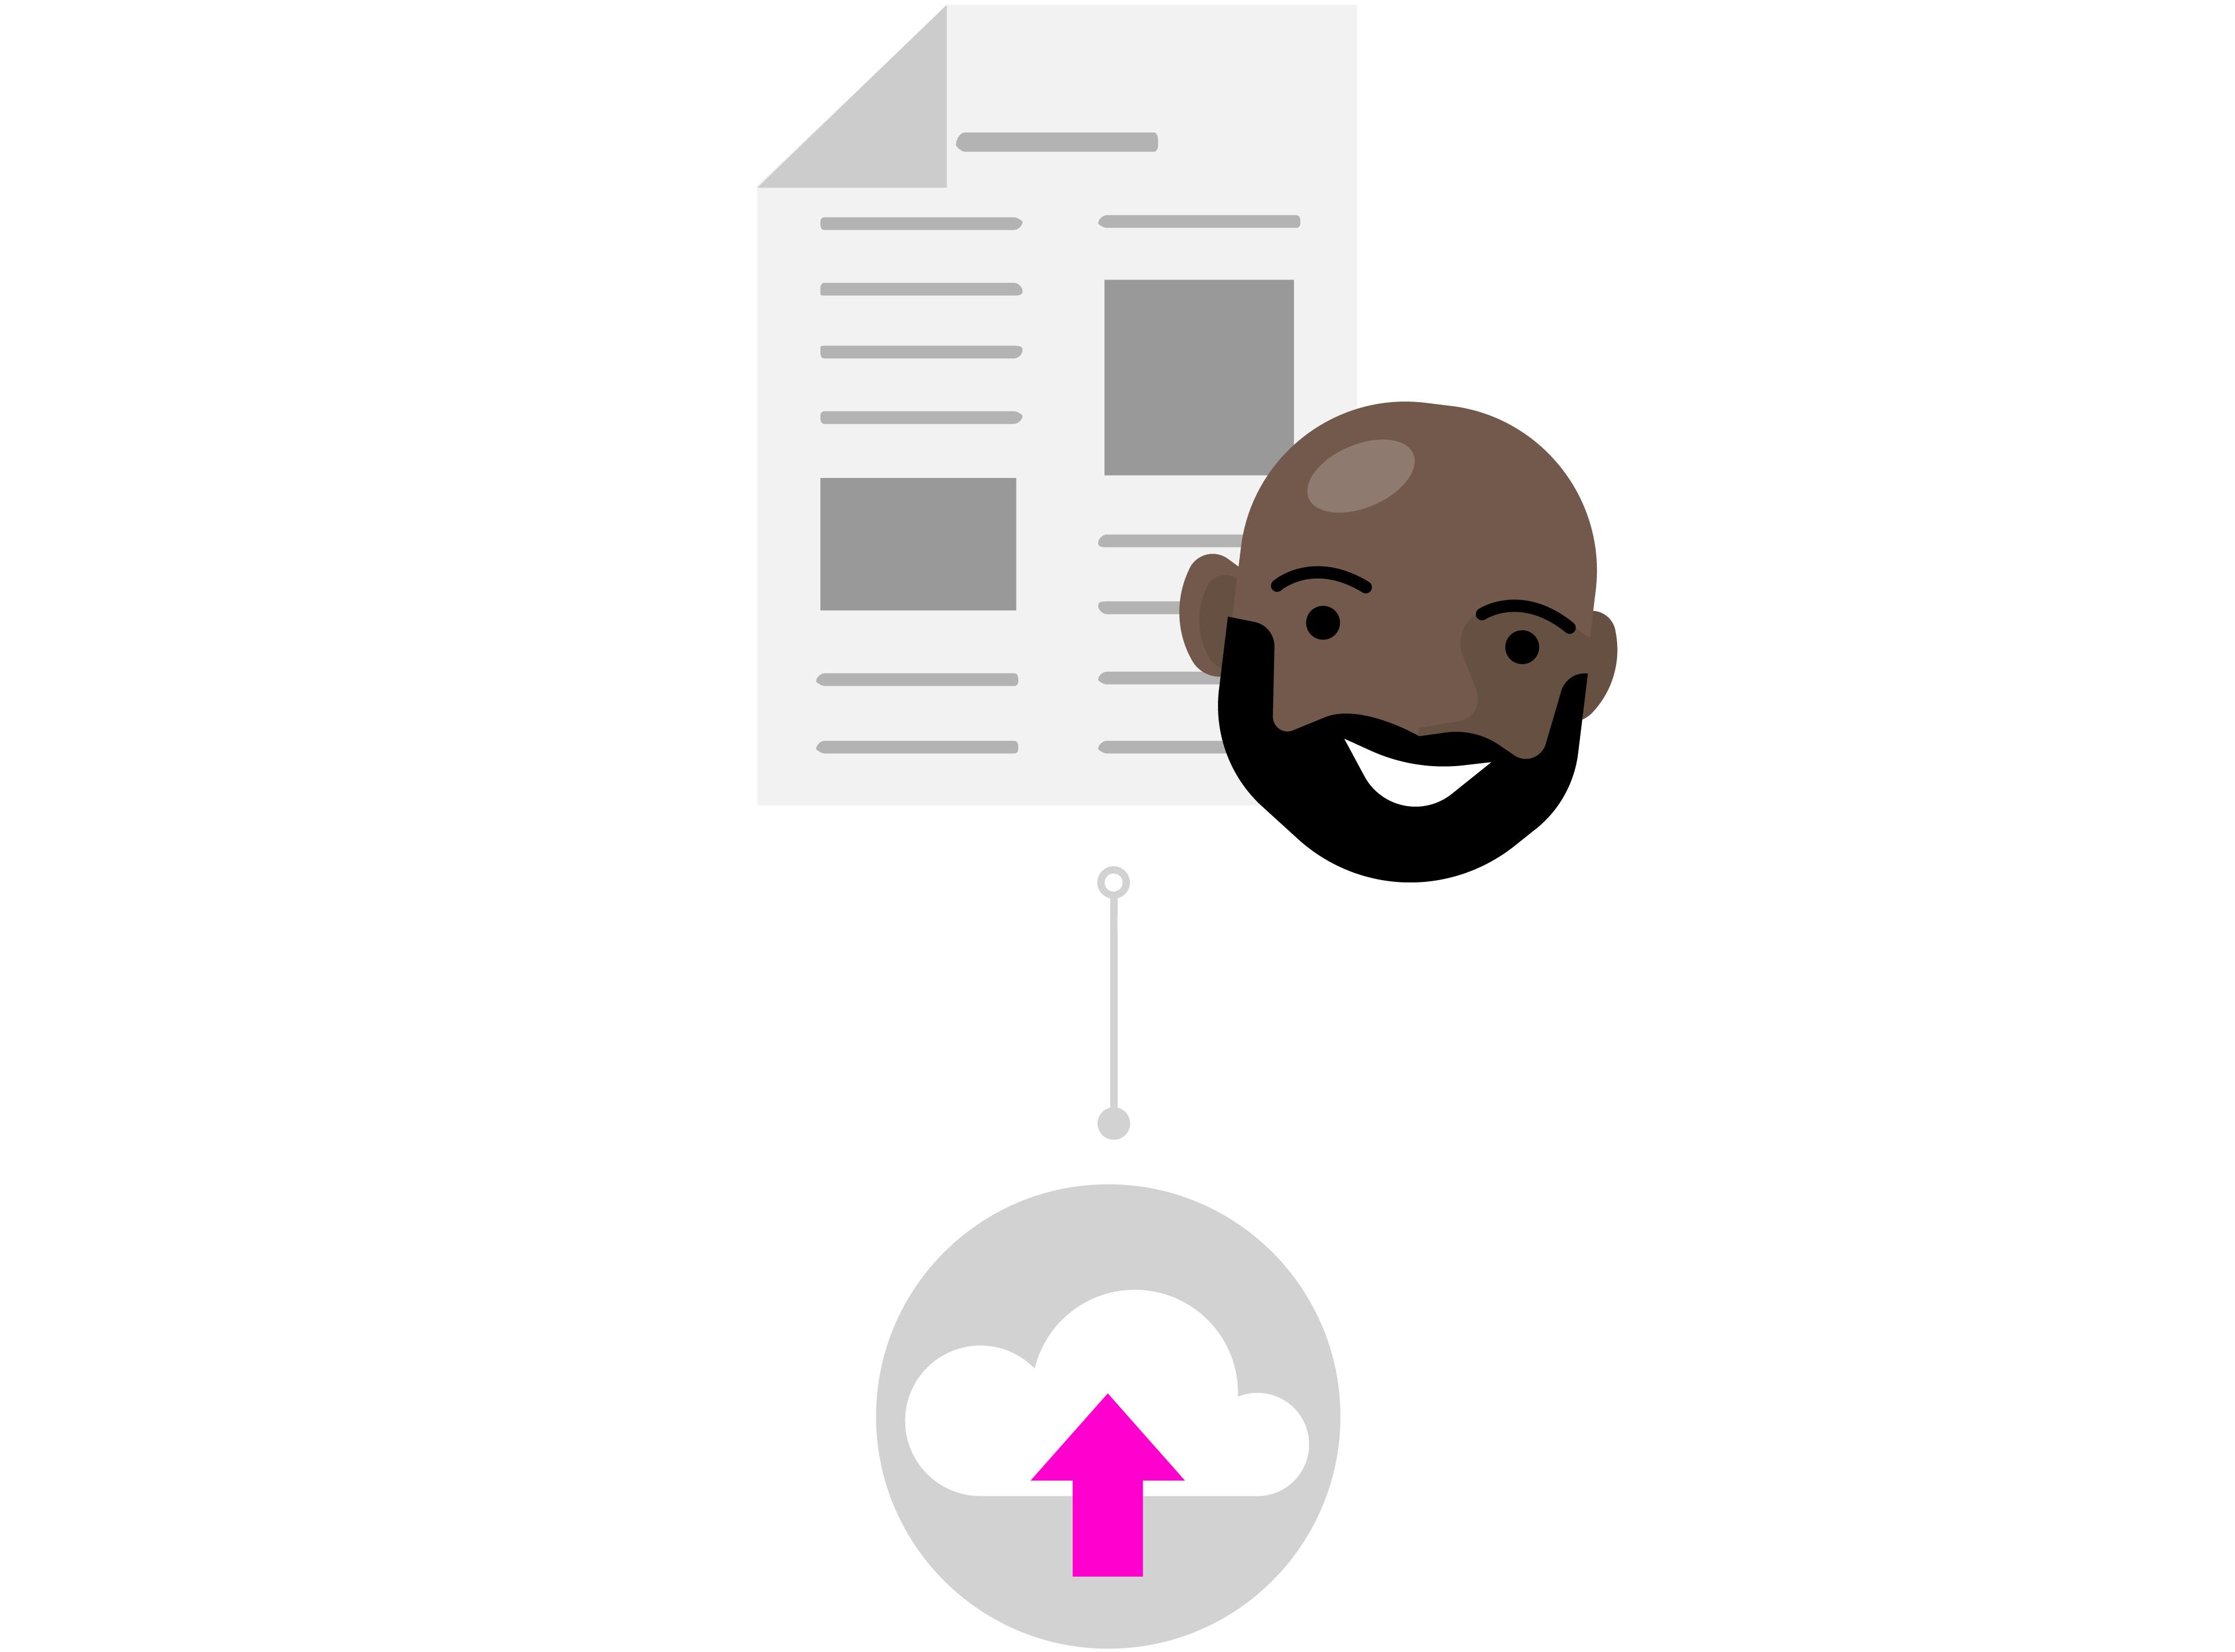 Privat mit OneDrive teilen